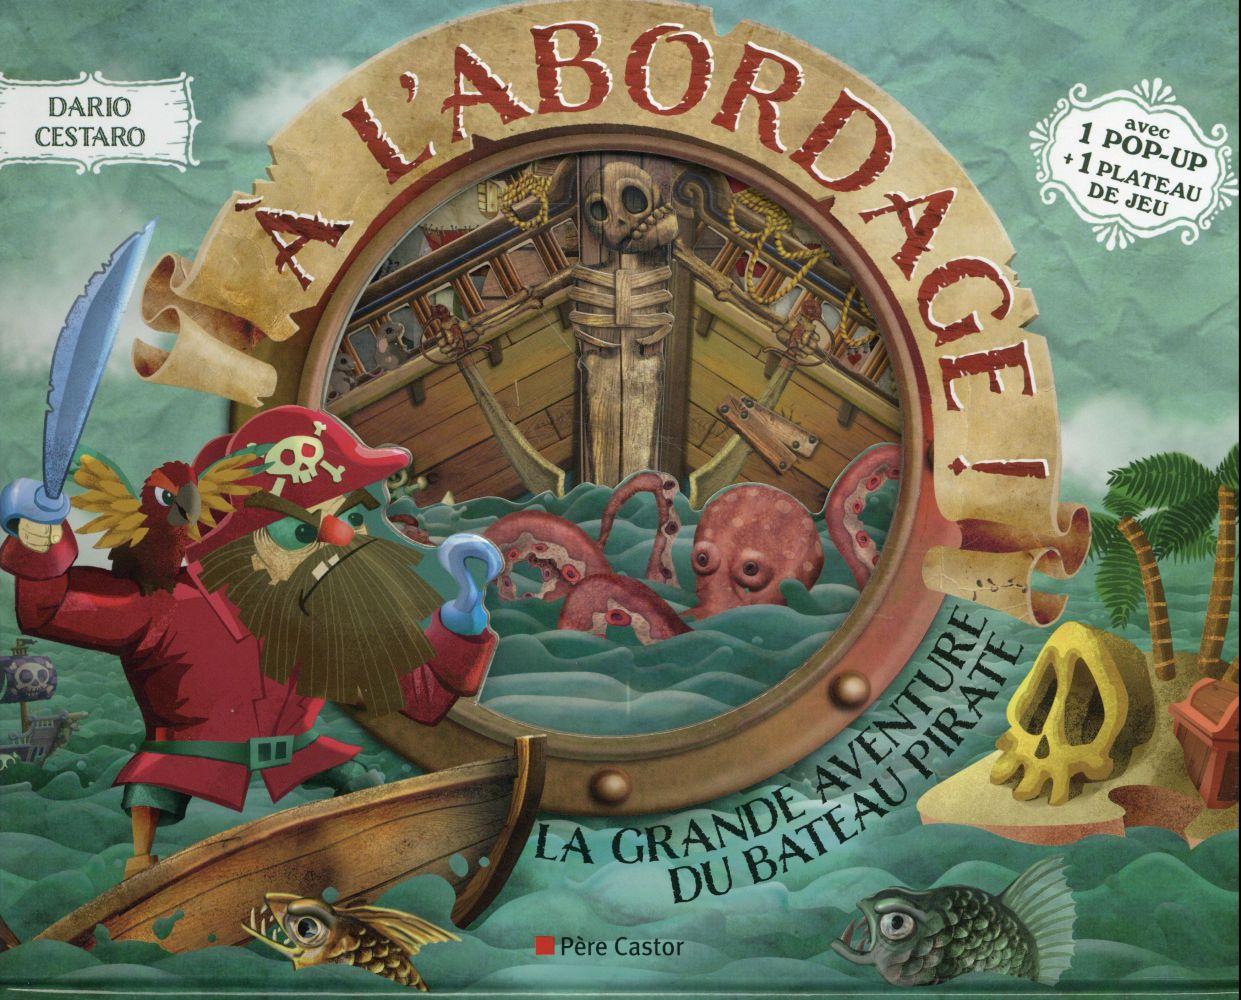 A L'ABORDAGE! - LA GRANDE AVENTURE DU BATEAU PIRATE THIES PAUL Père Castor-Flammarion